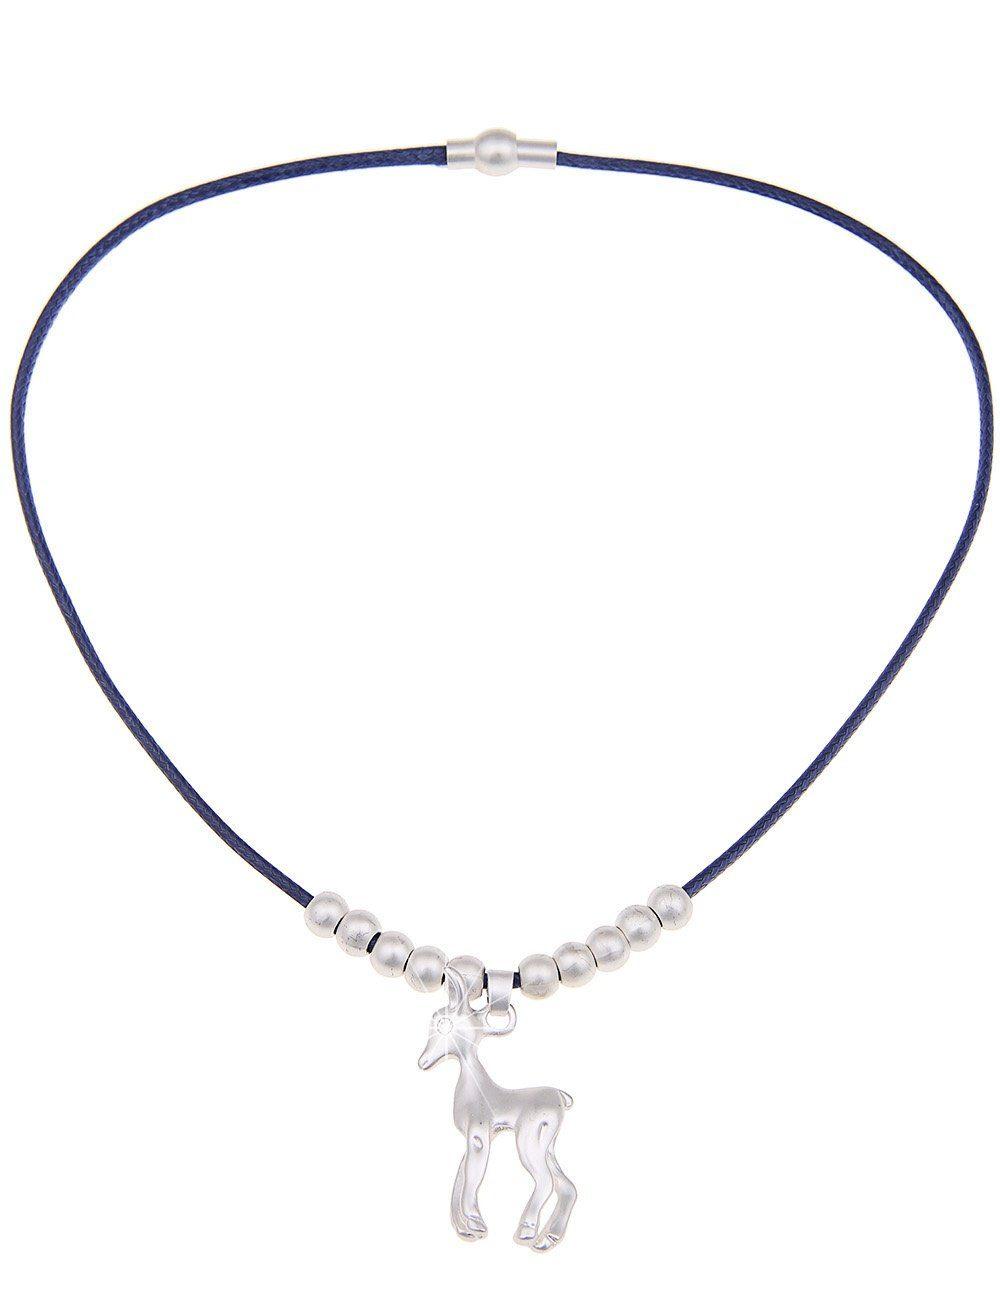 leslii Halskette mit Reh-Anhänger | Schmuck > Halsketten > Lange Ketten | Blau | Leslii